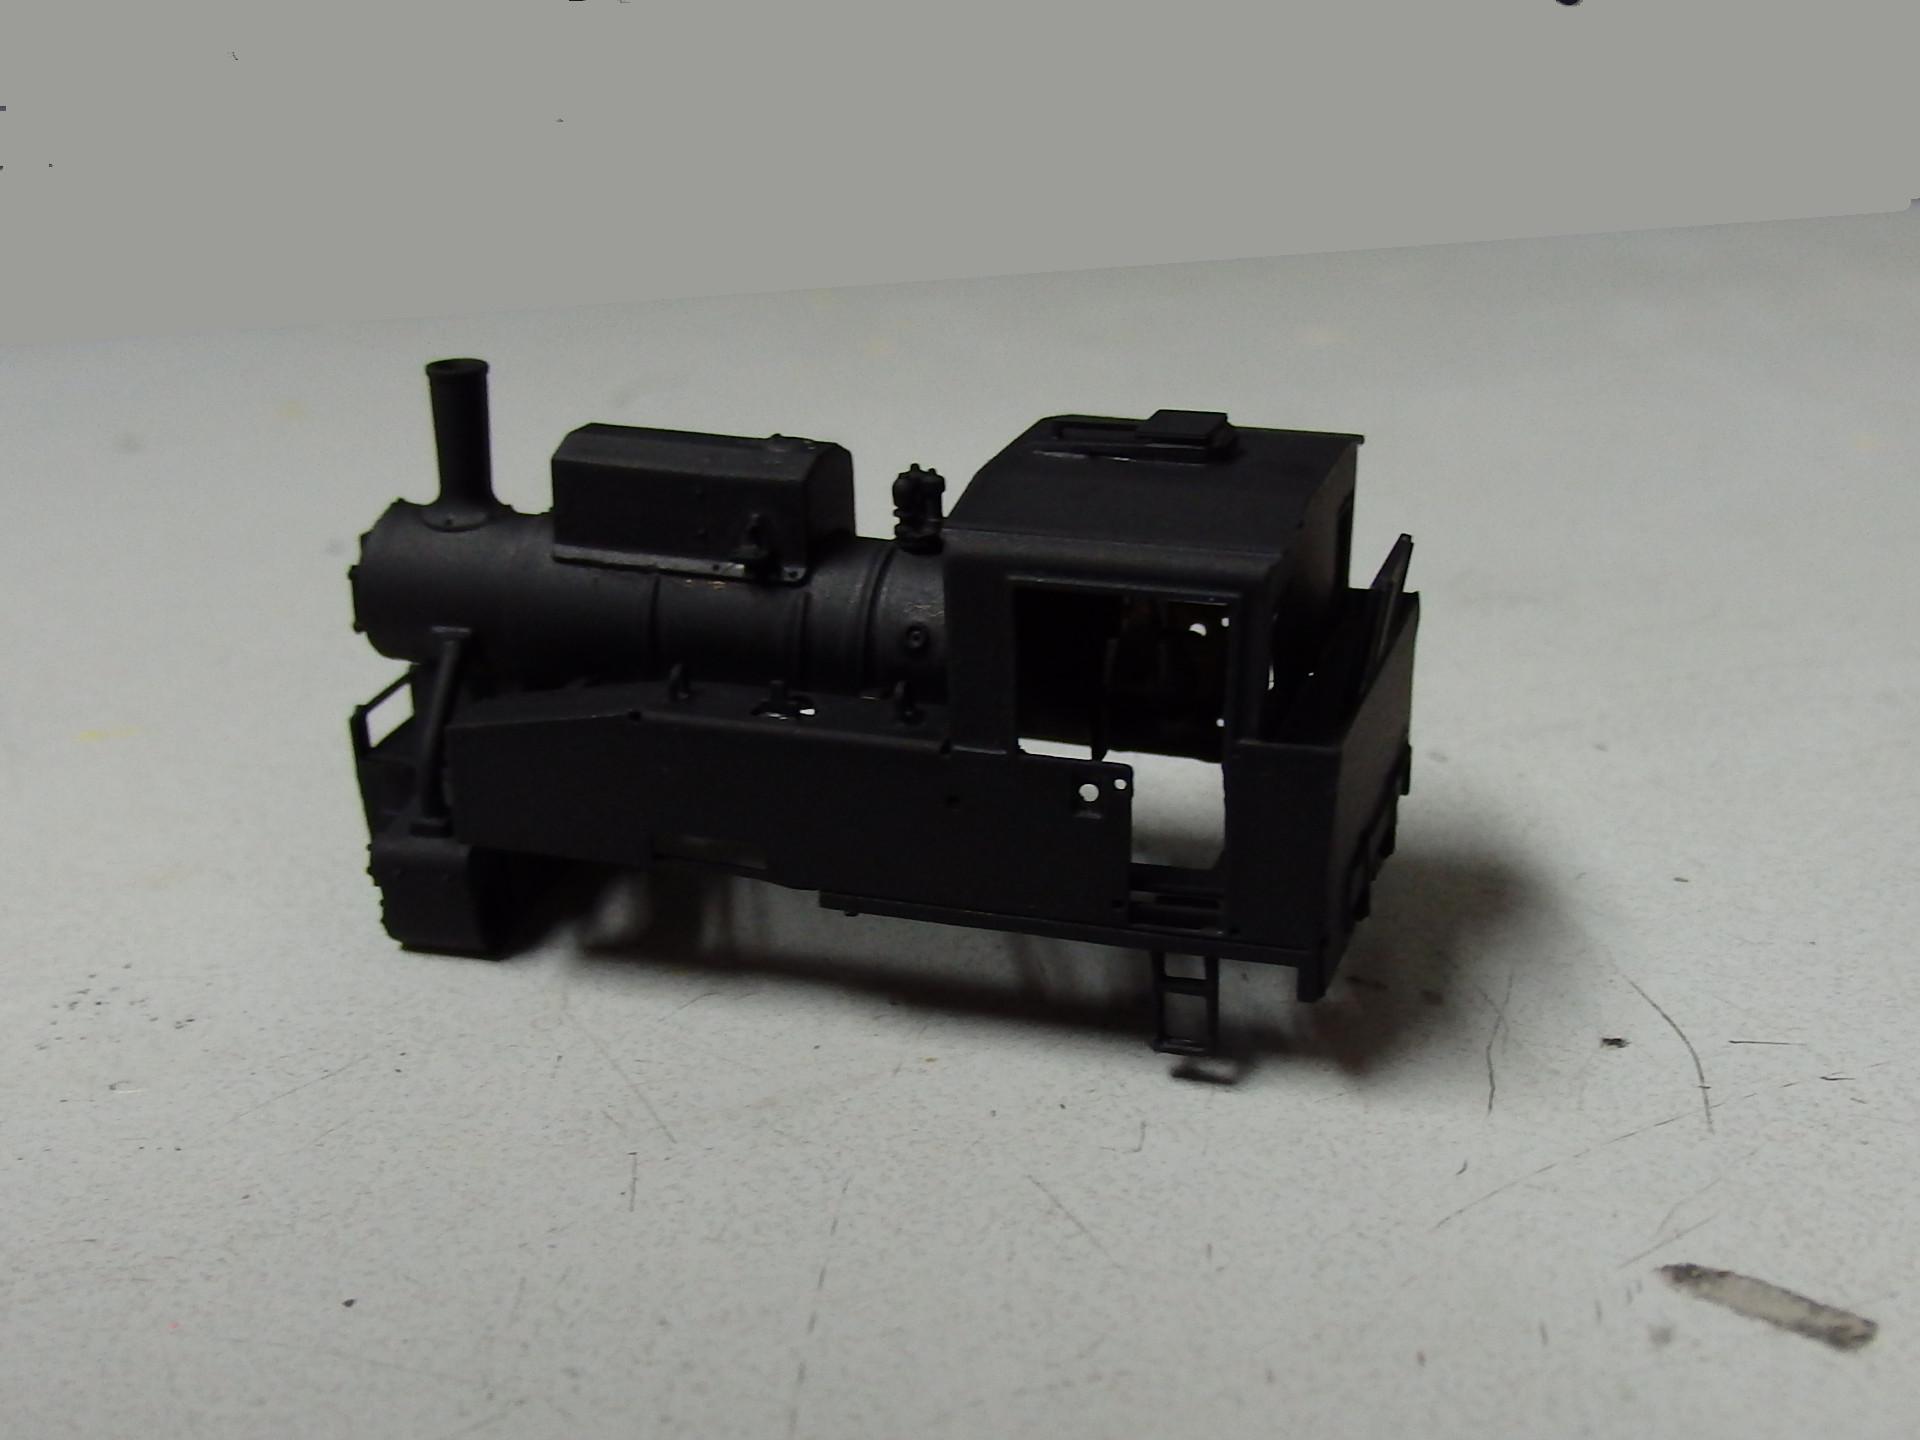 ワールド工芸のB20形蒸気機関車を黒塗り。